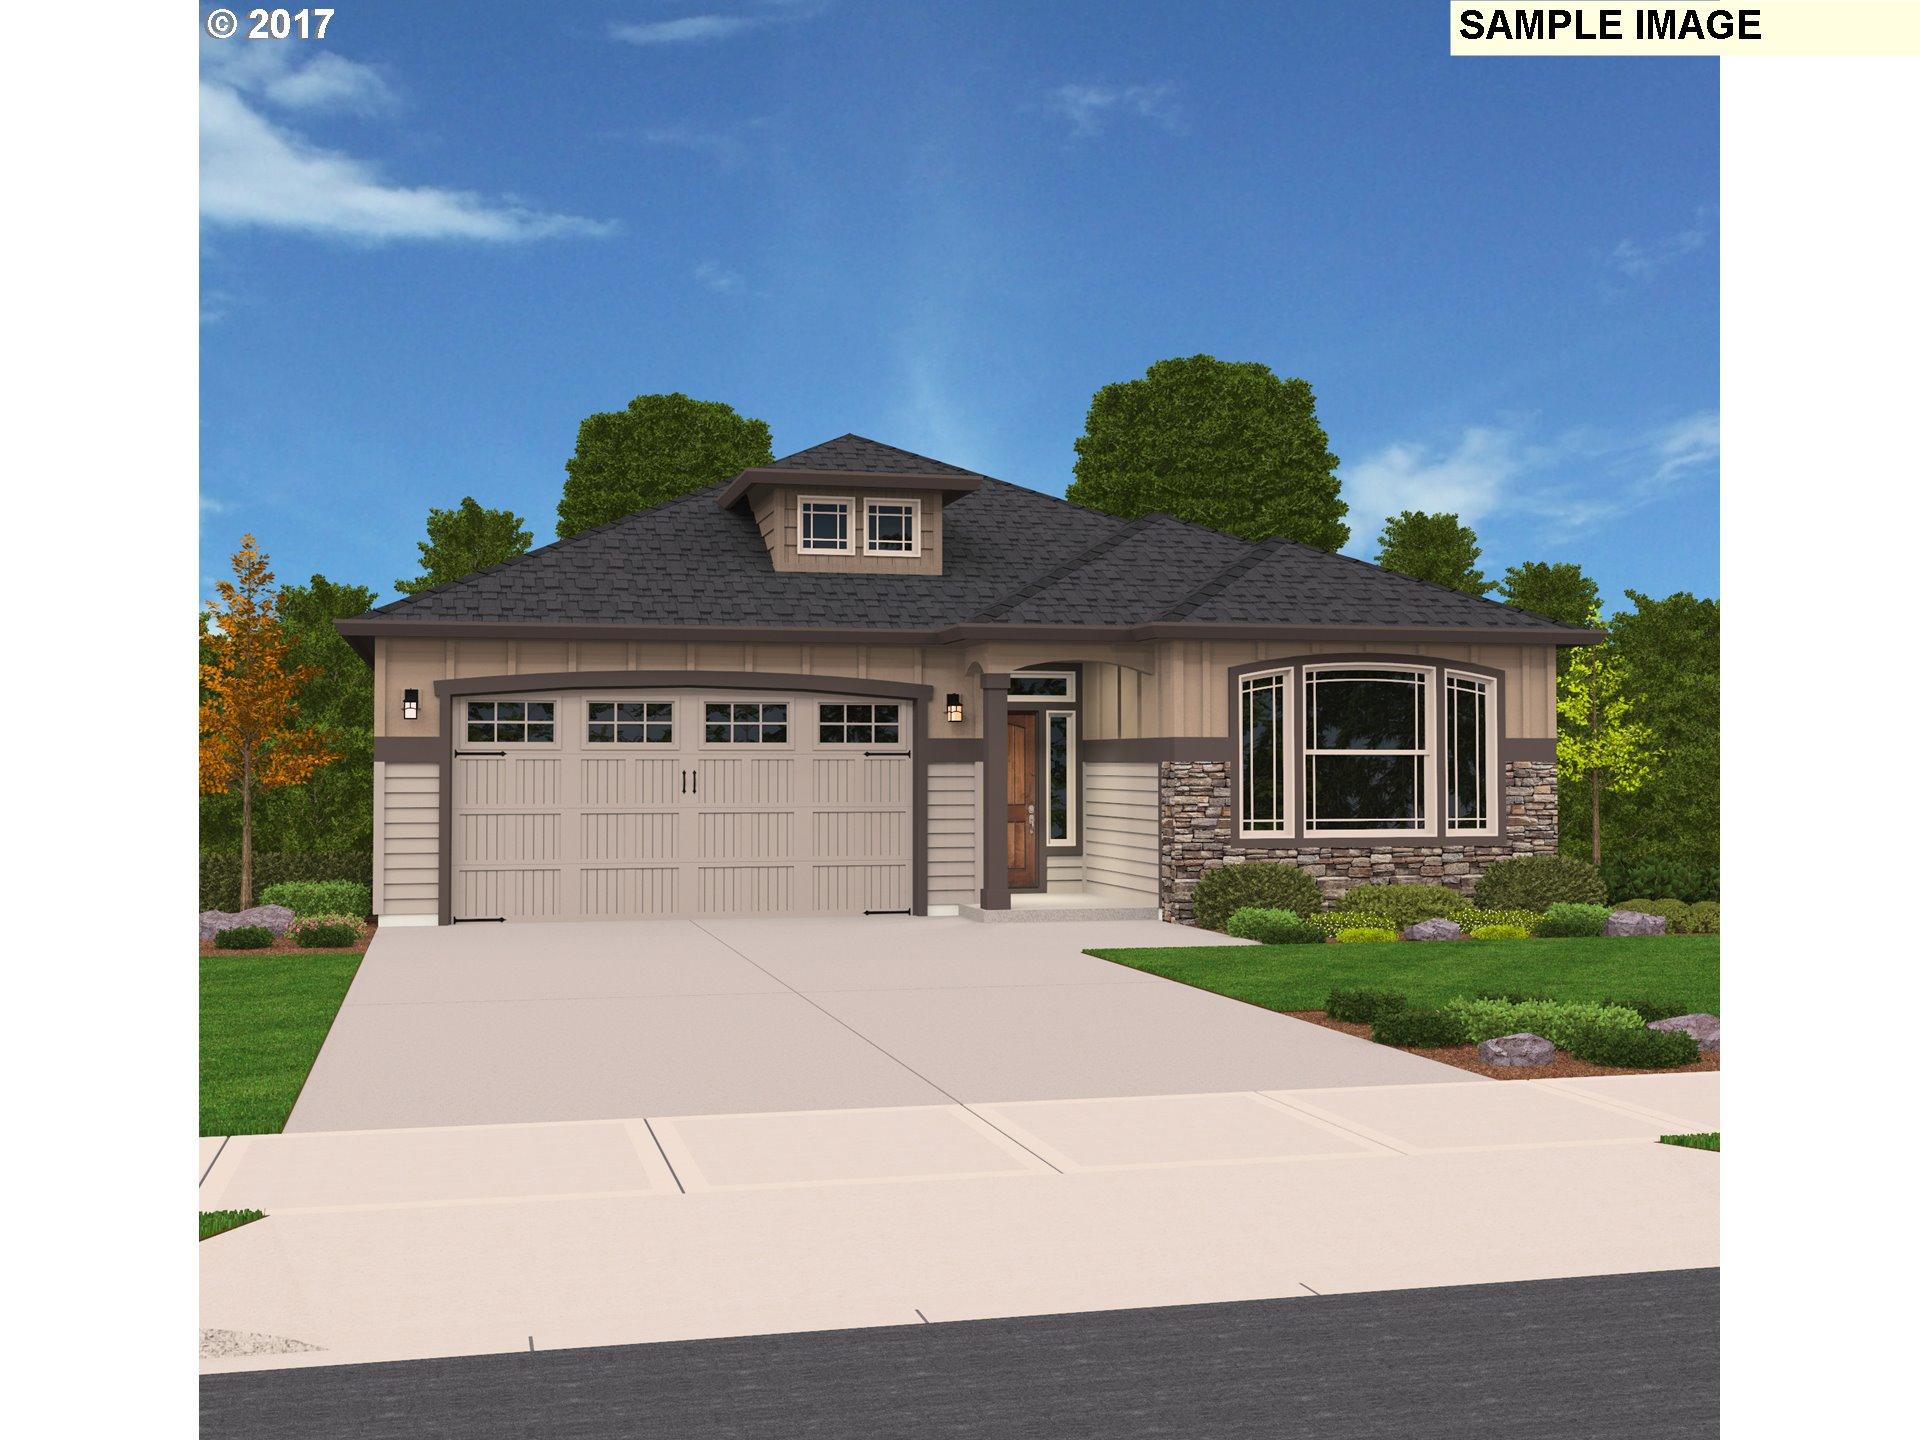 7905 NE 67th AVE, Vancouver, WA 98682